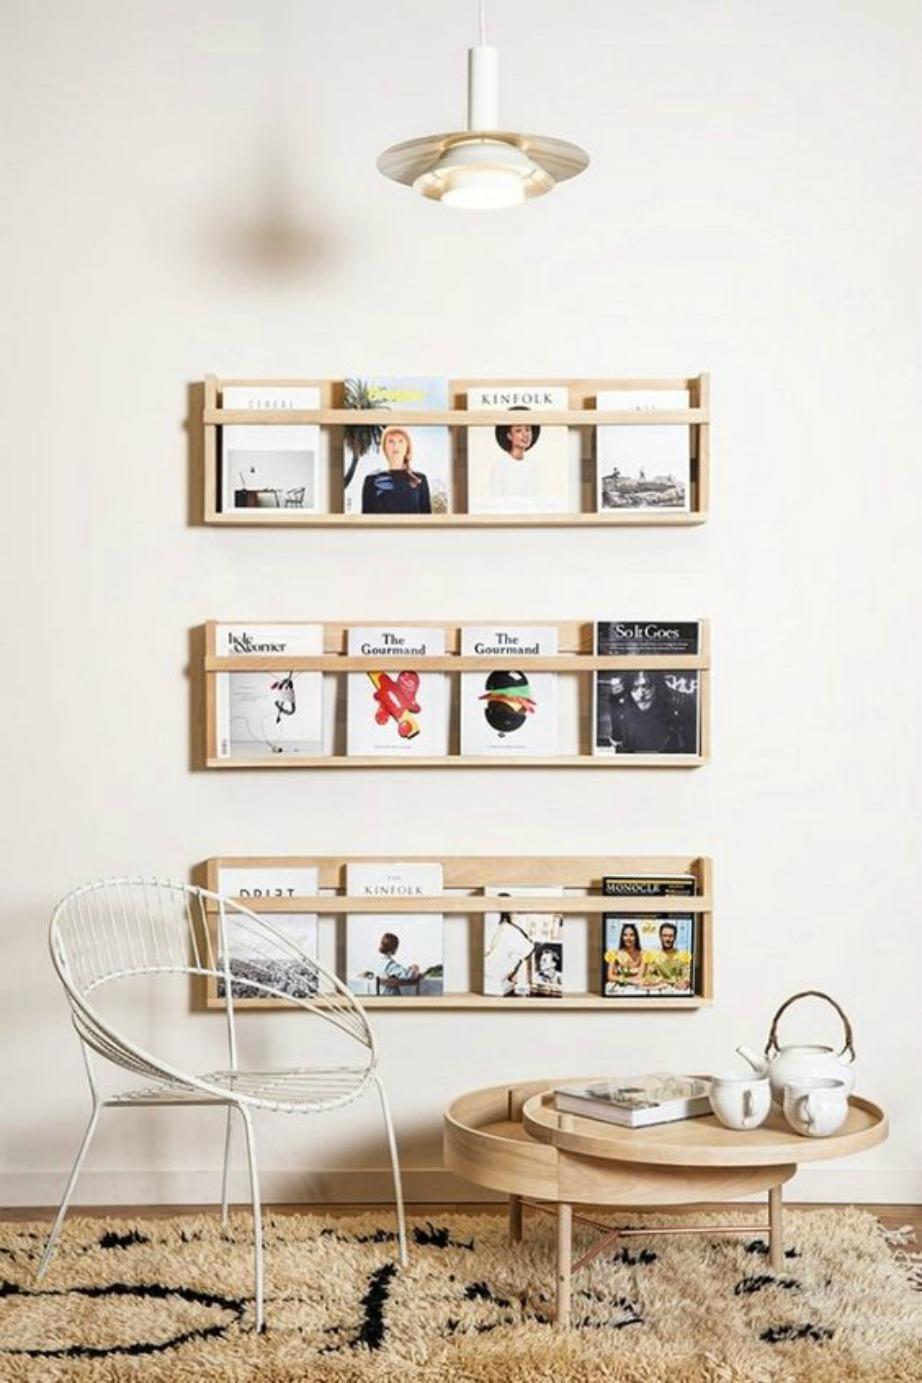 Εκτός από κάδρα με εξώφυλλα περιοδικών μπορείτε να βάλετε ειδικές προθήκες στον τοίχο που θα διατηρούν σε τάξη τα περιοδικά σας αλλά θα μοιάζουν και με κάδρα.